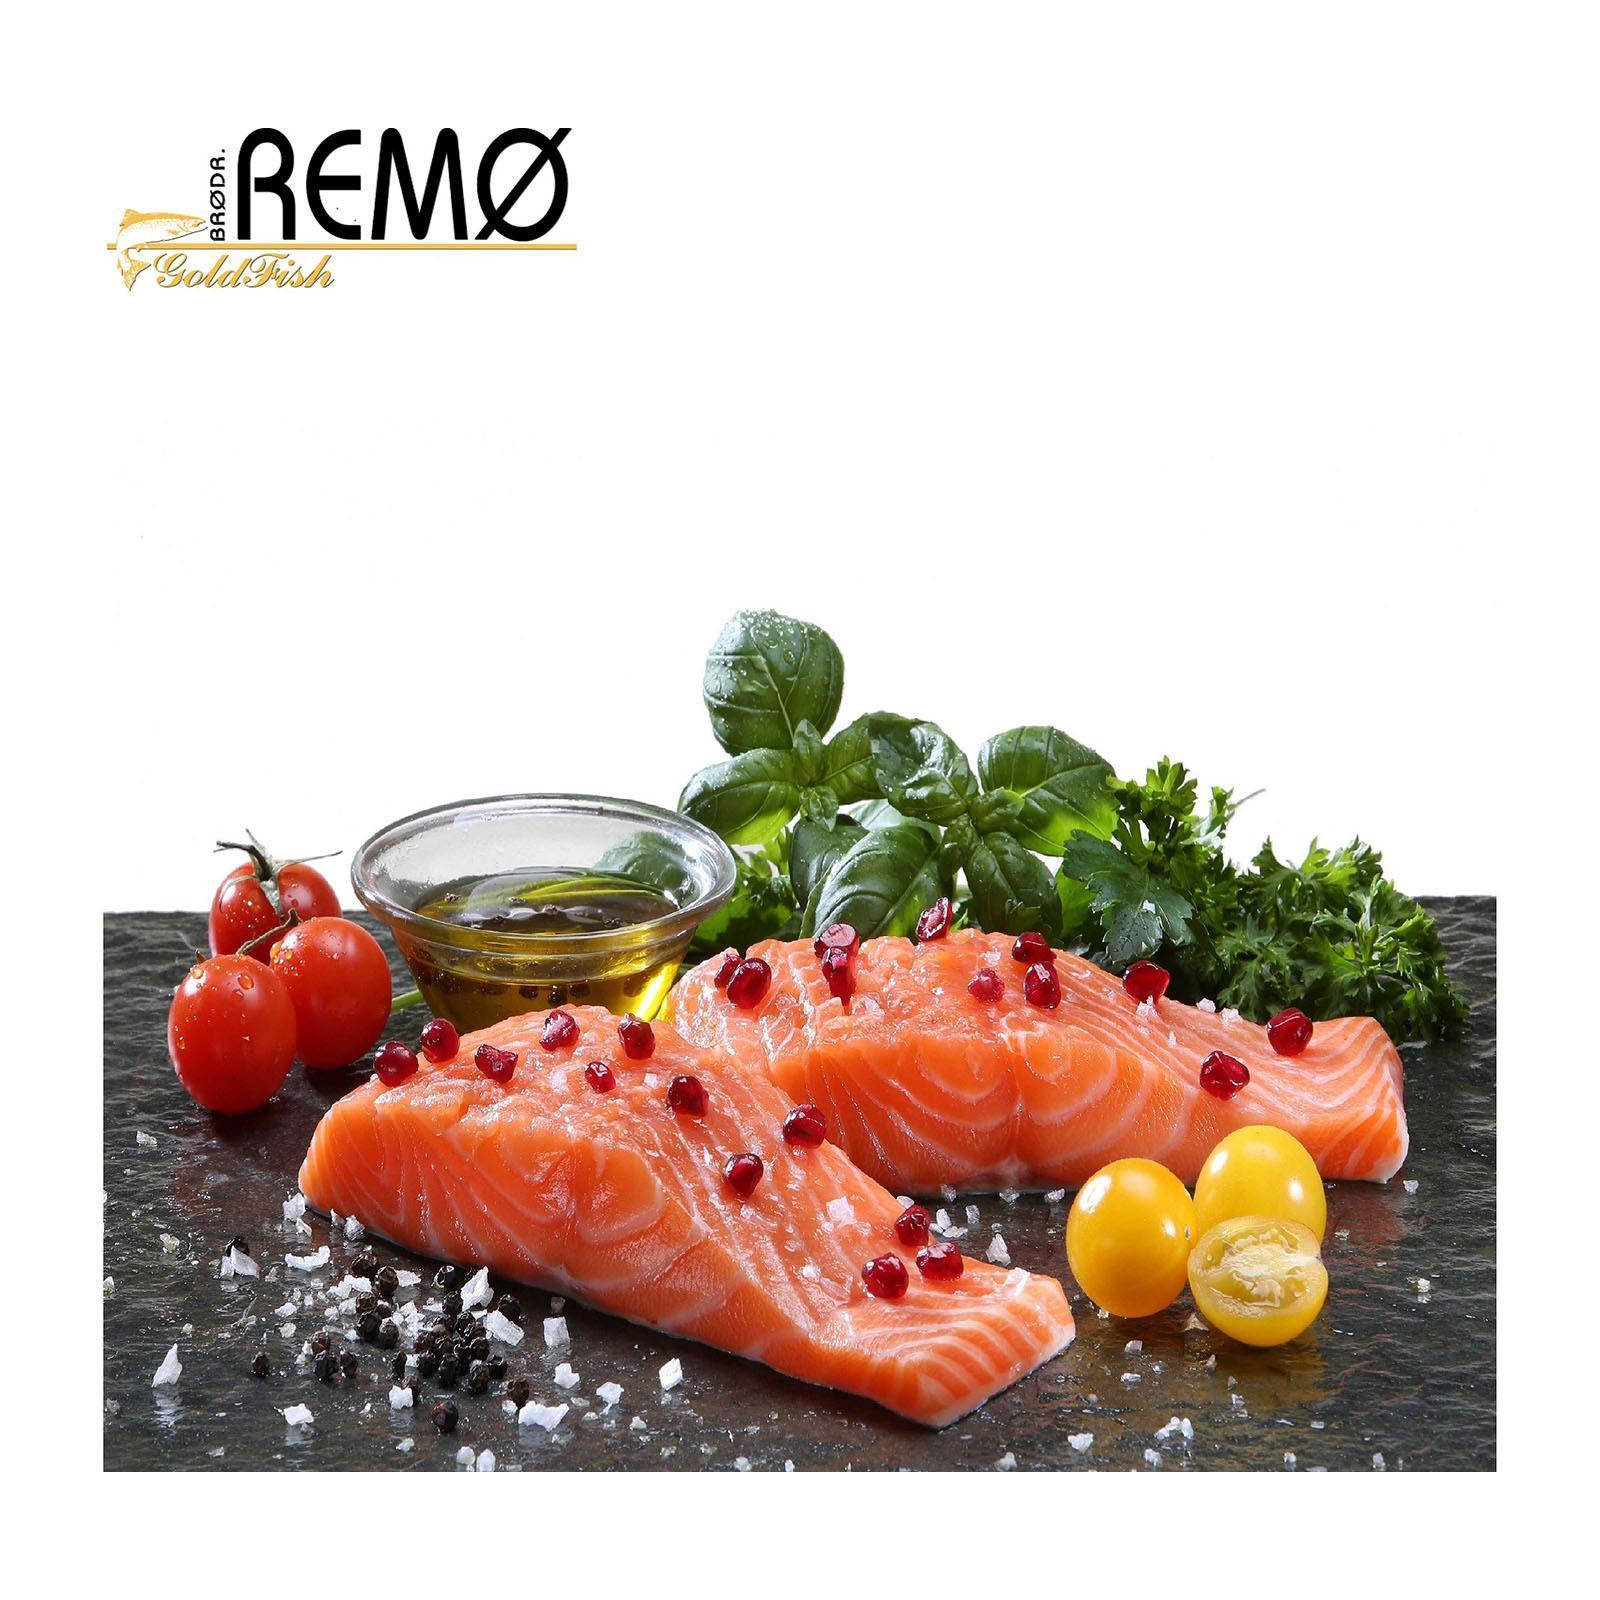 Brodr. Remo Salmon Portions - D - TRIM - Frozen - The Cellar Door